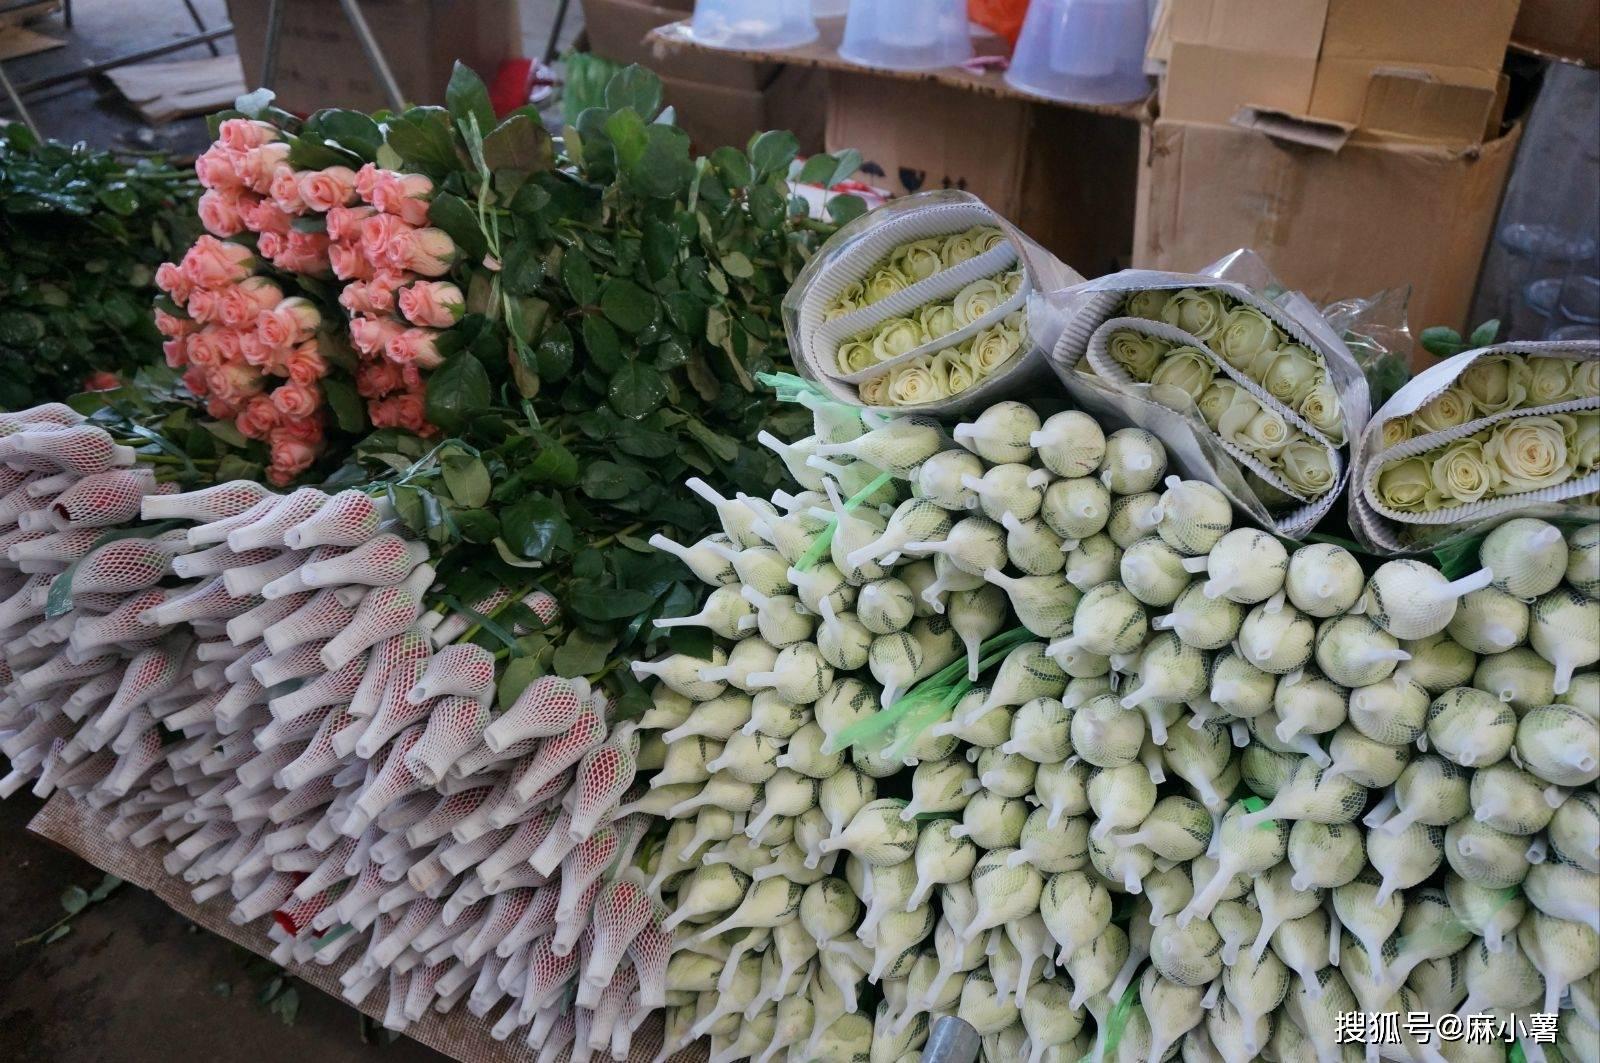 原创             云南有一国内最大花市,鲜花称斤卖白菜价,5块钱就能买许多花